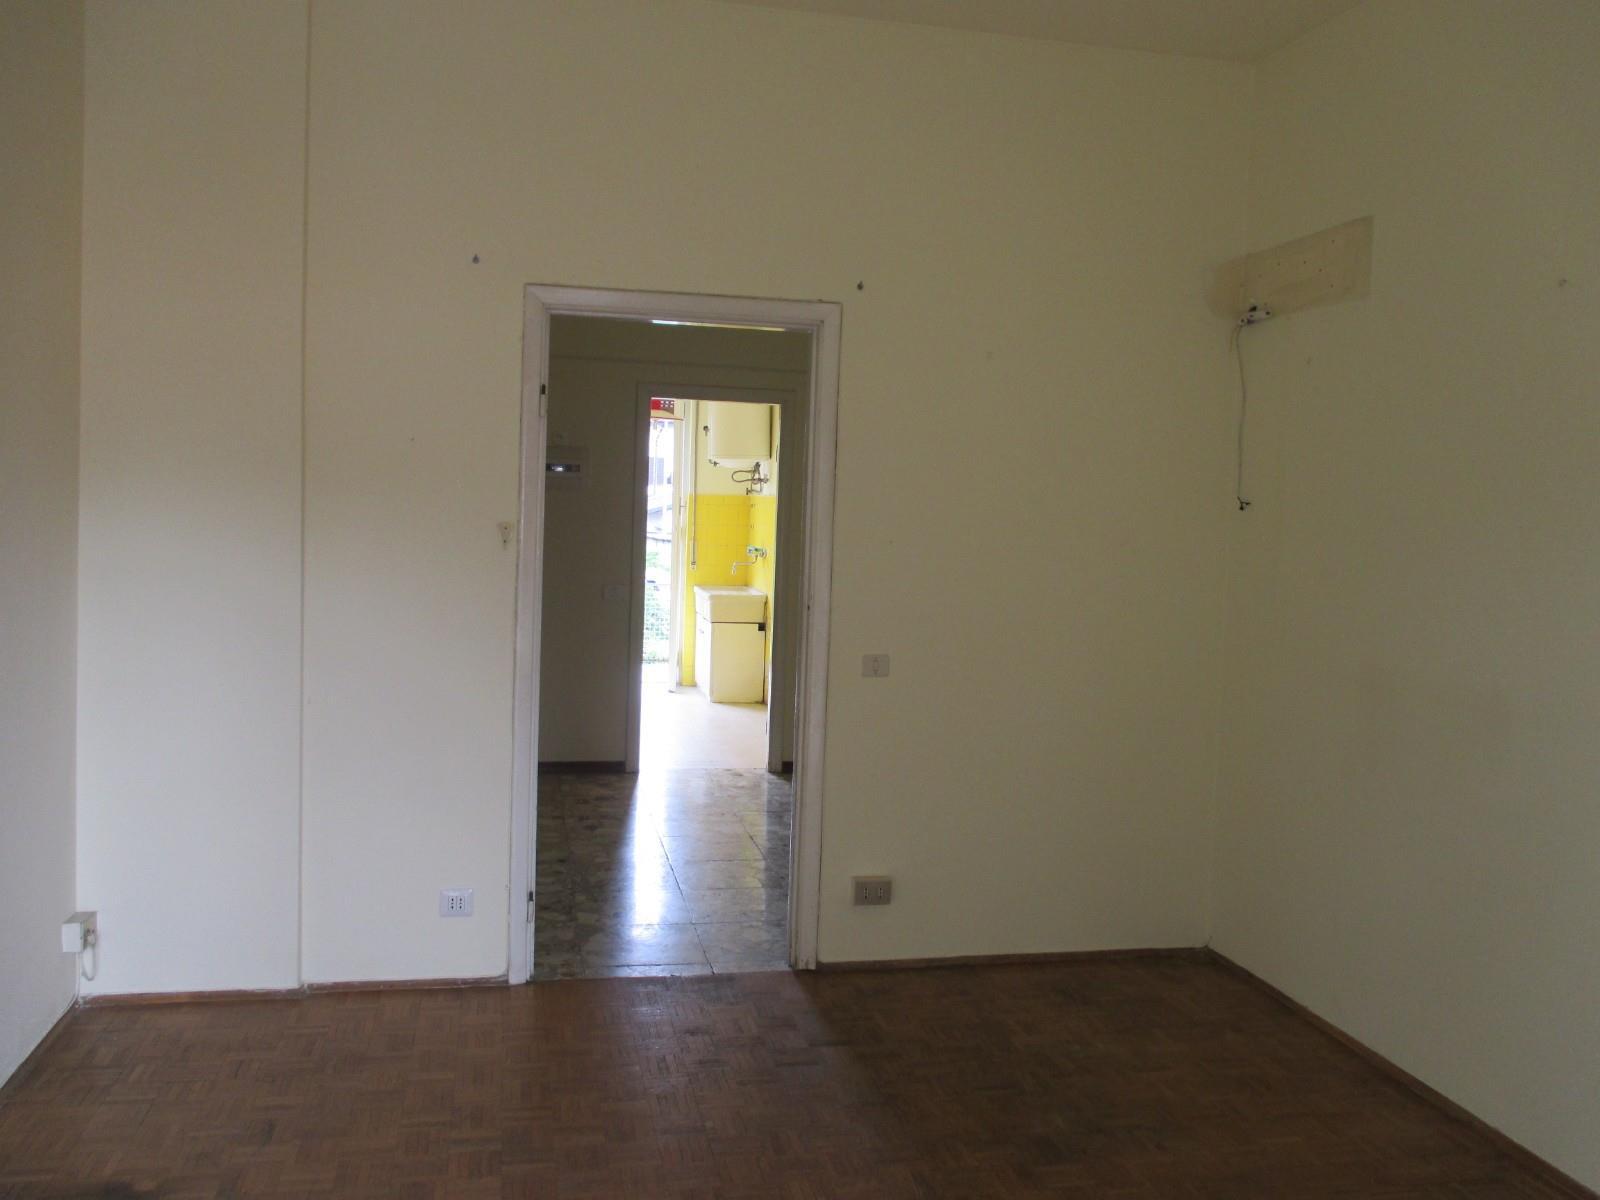 Foto 6 - Appartamento in Vendita - Seveso (Monza e Brianza)